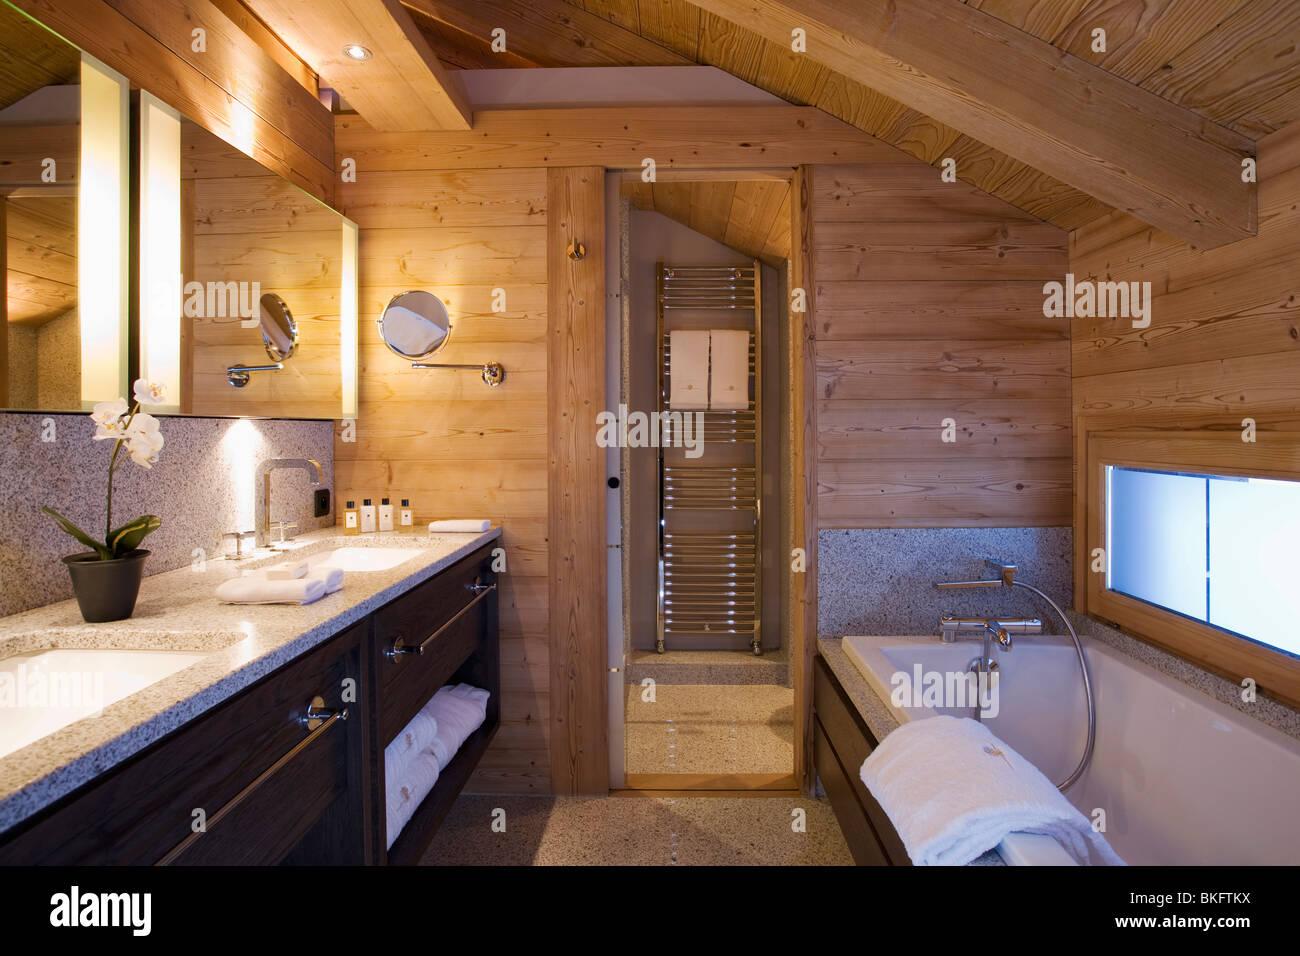 Le pareti in legno e il soffitto inclinato di bagno moderno in chalet di montagna con - Illuminazione casa montagna ...